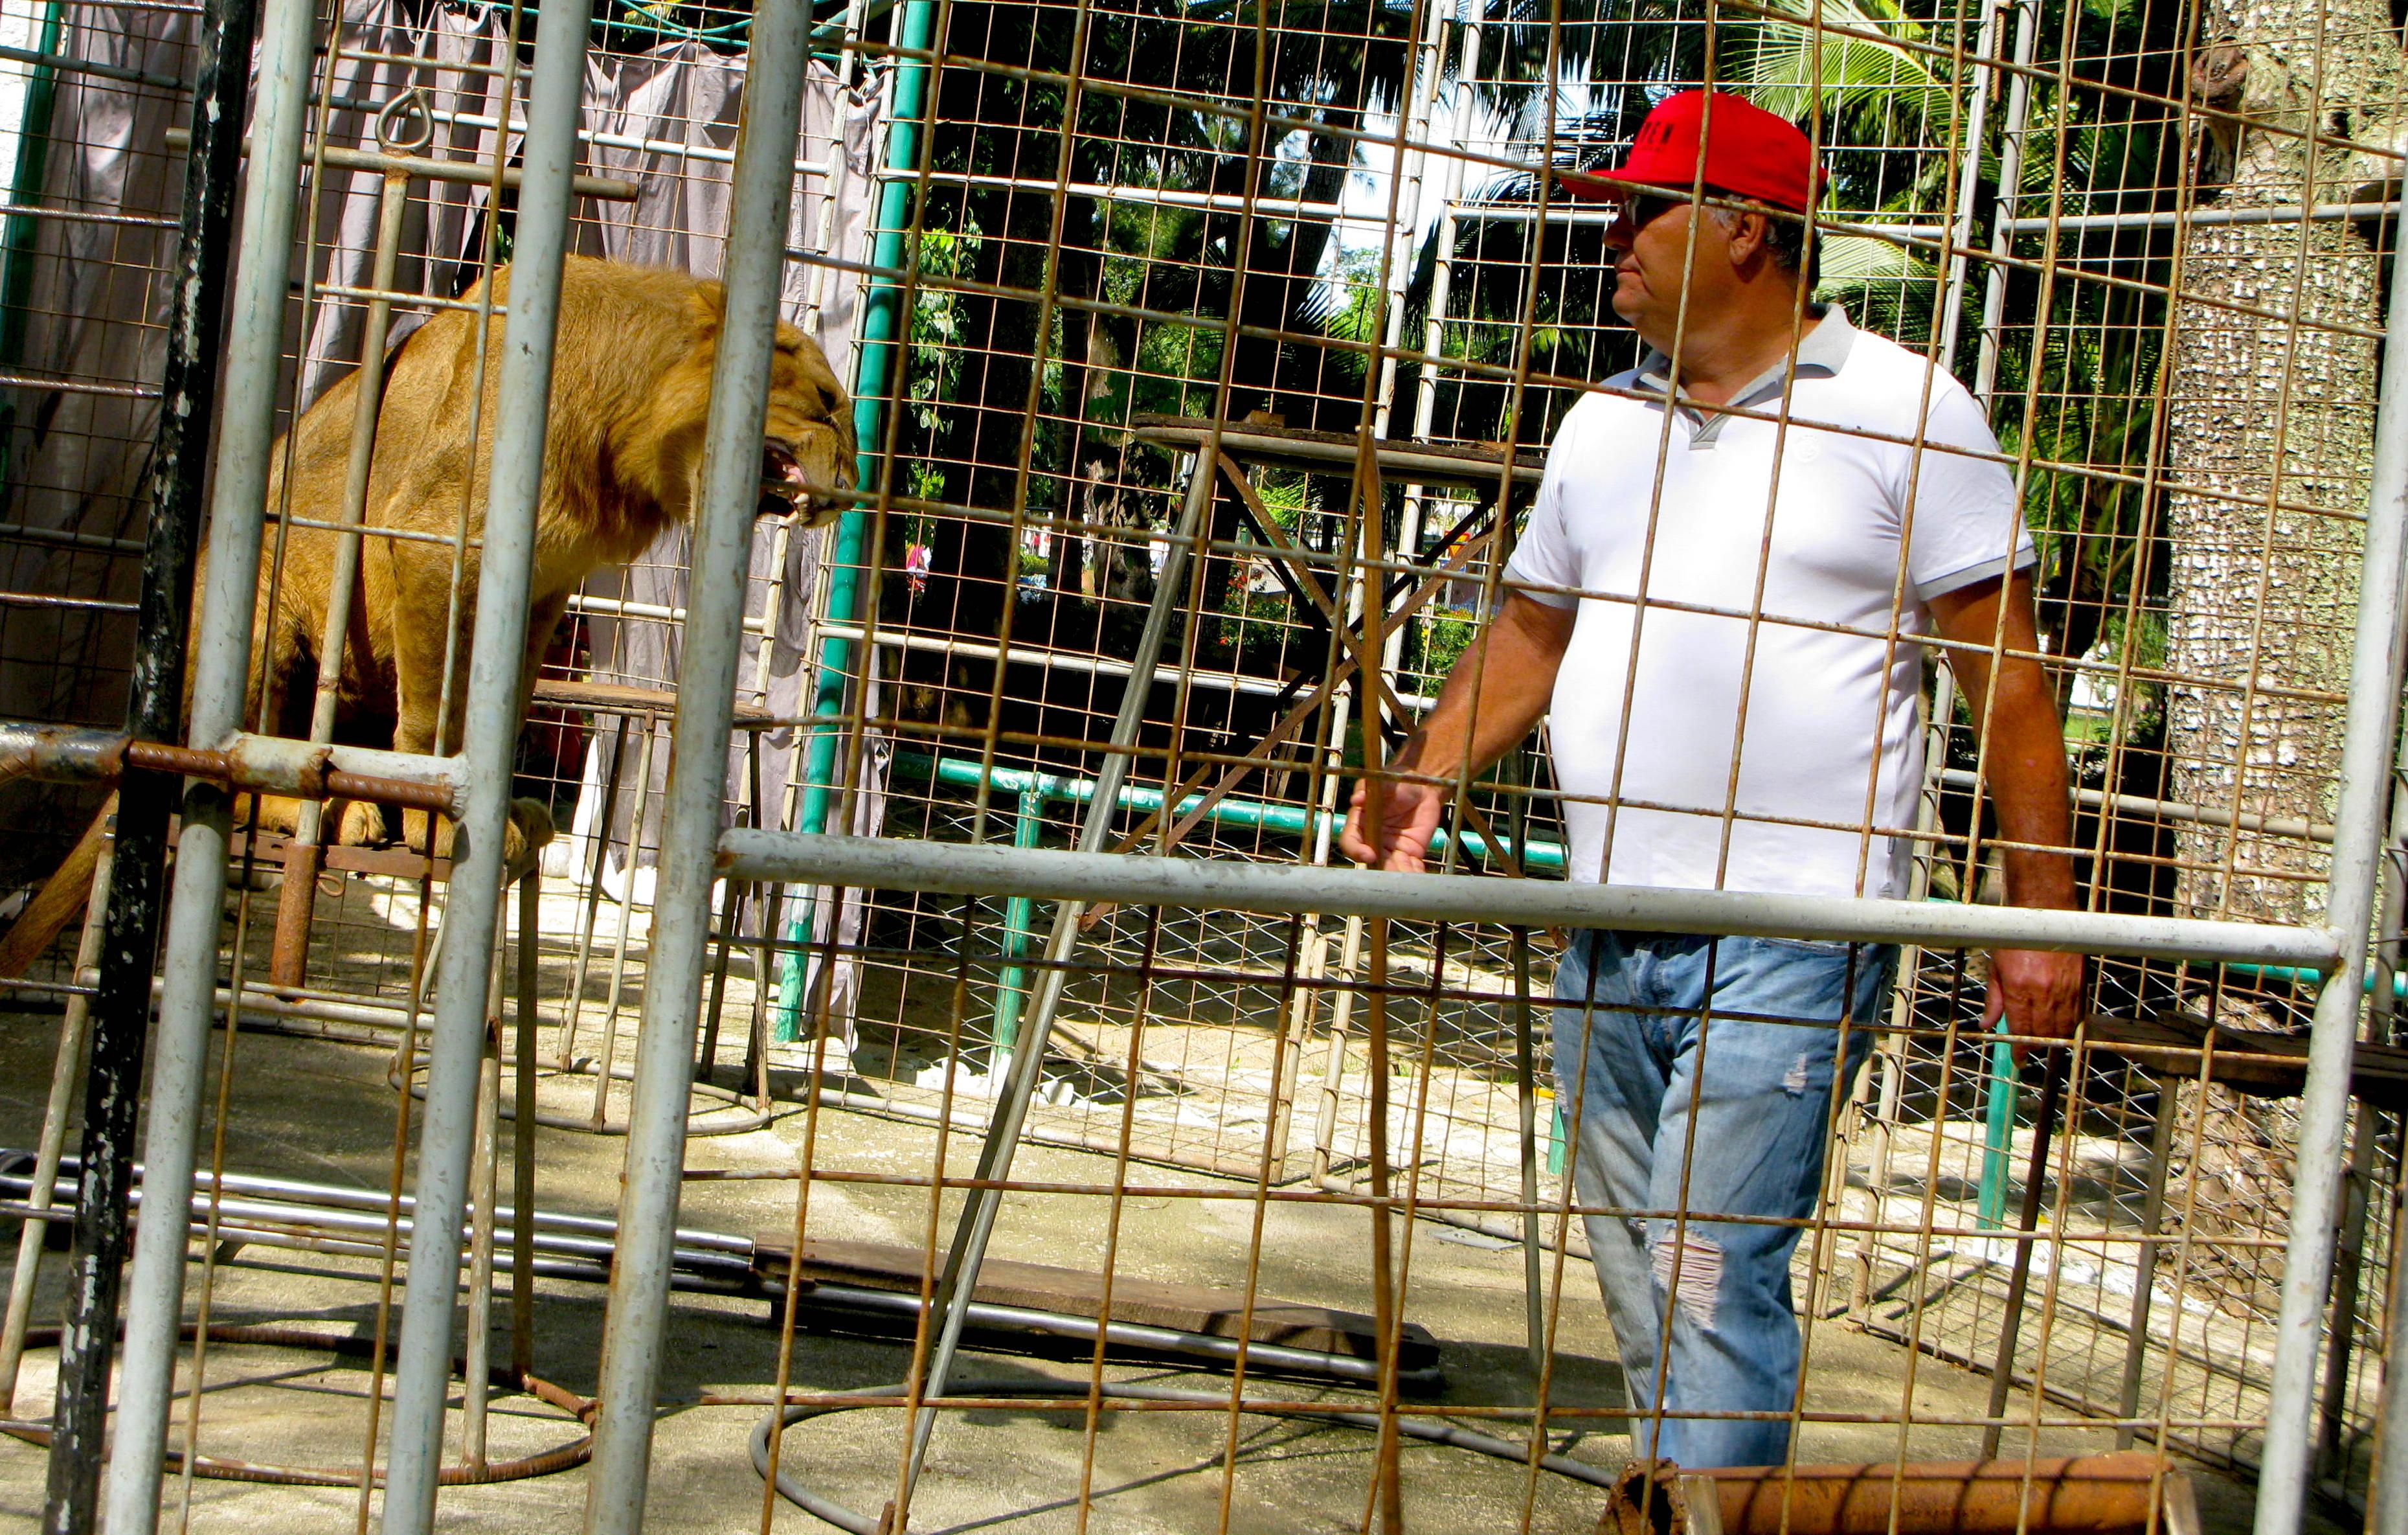 Landy, el domador, en el espectáculo con leones de los domingos (Foto: Yoe Suárez).